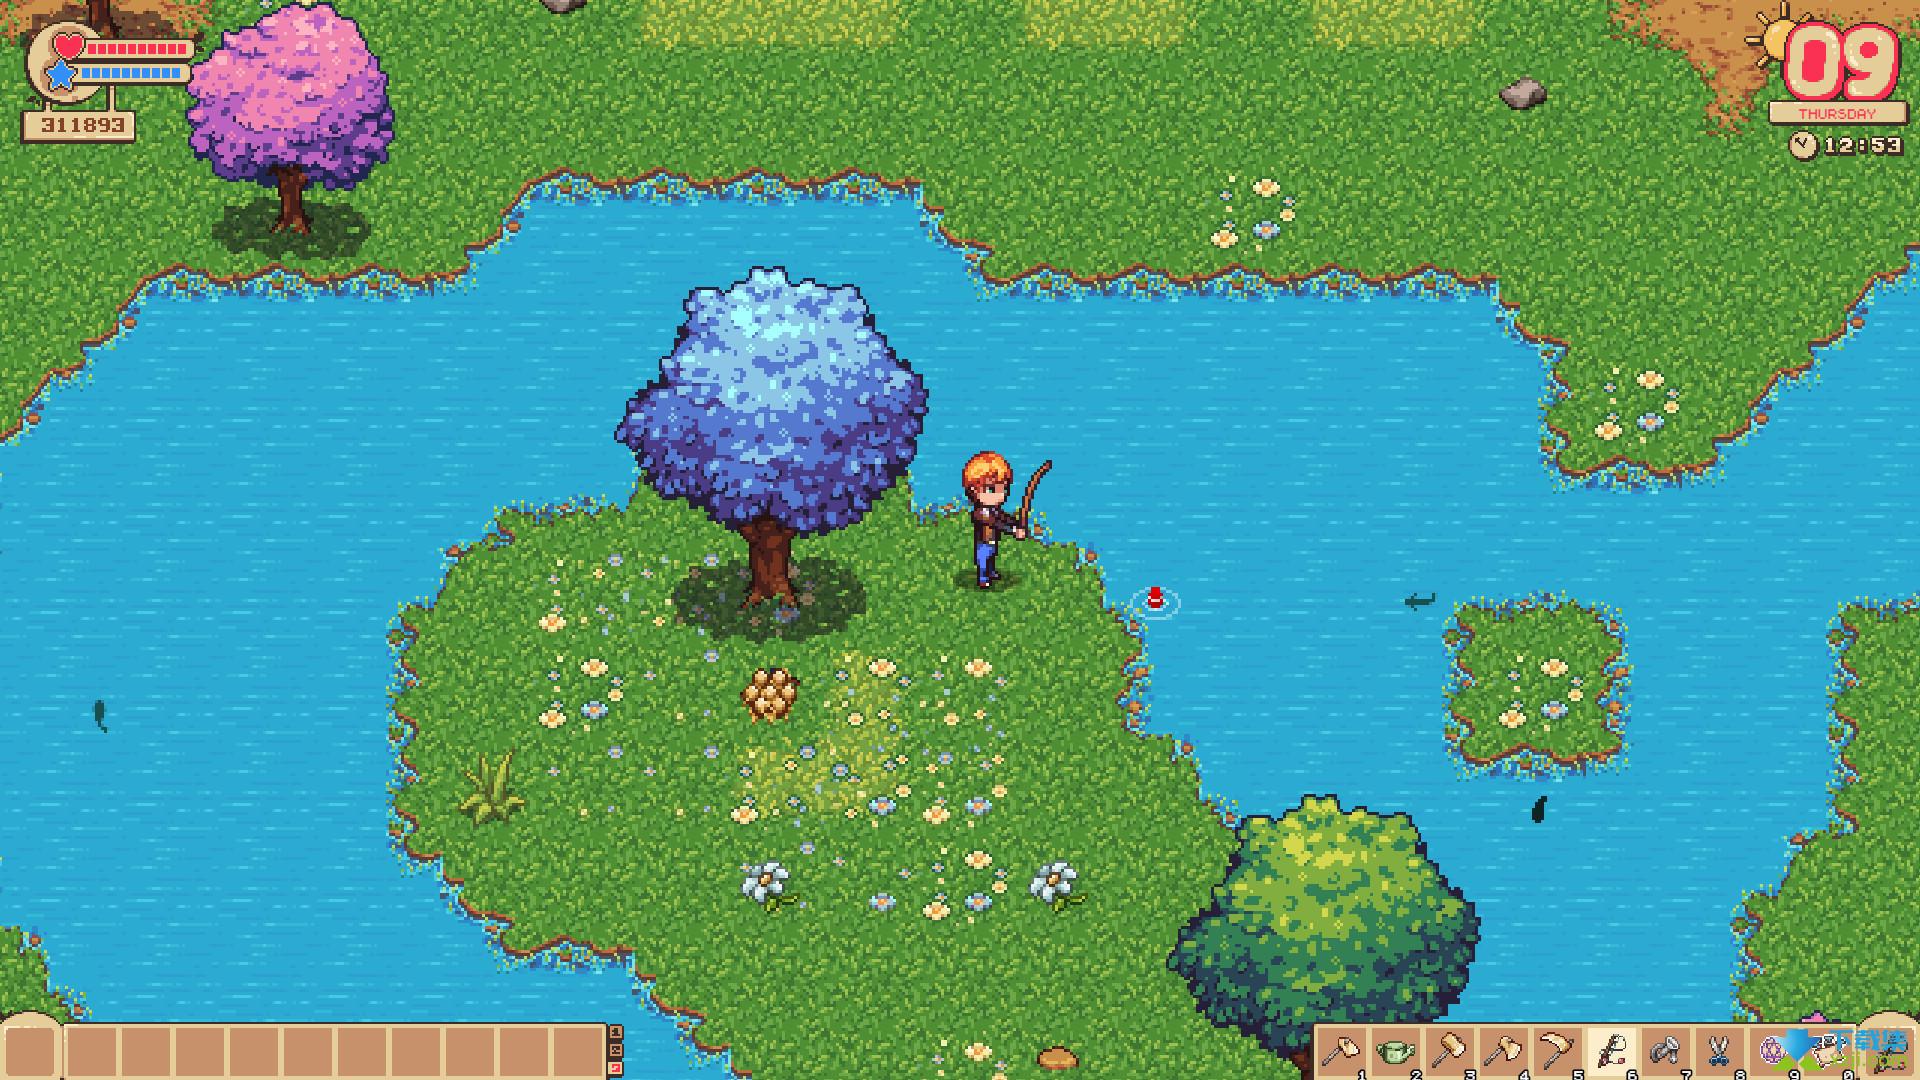 牧场物语橙色季节界面2